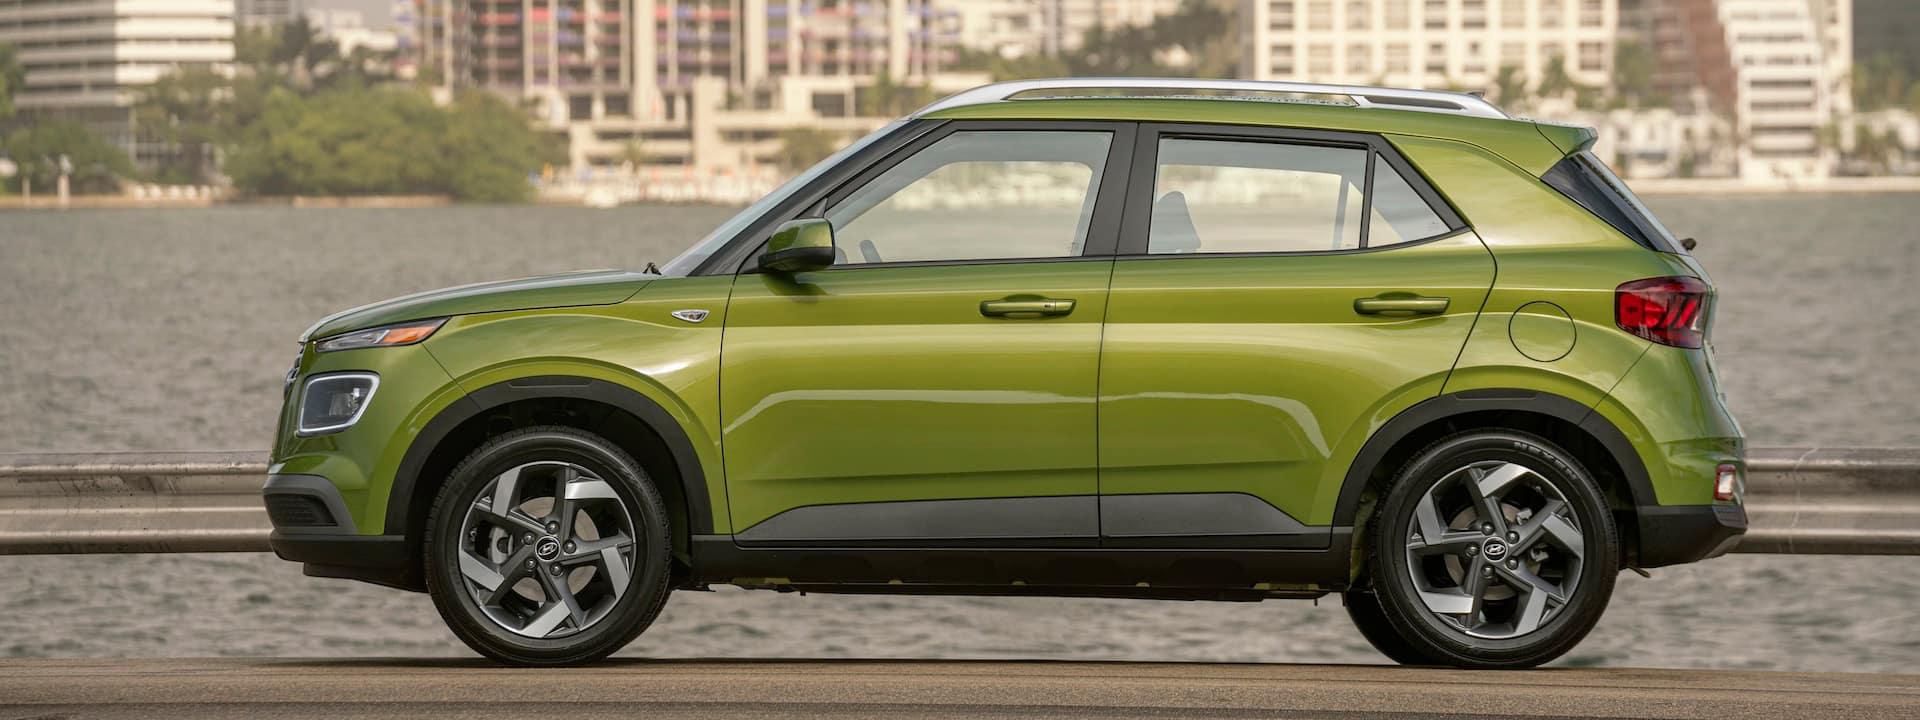 2021 Hyundai Venue for sales